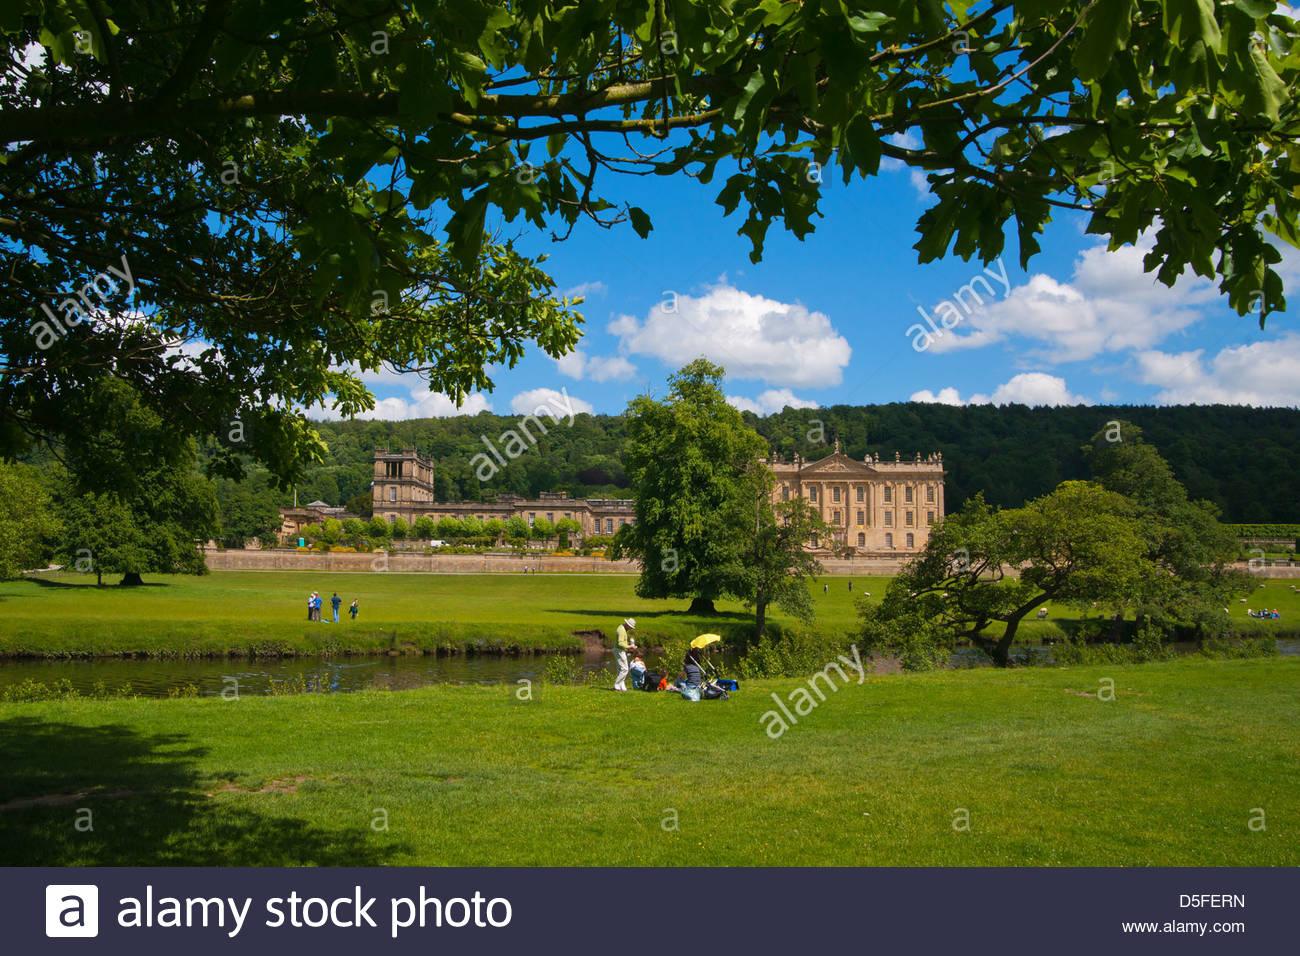 Chatsworth House, Derbyshire, Peak District, England, UK - Stock Image